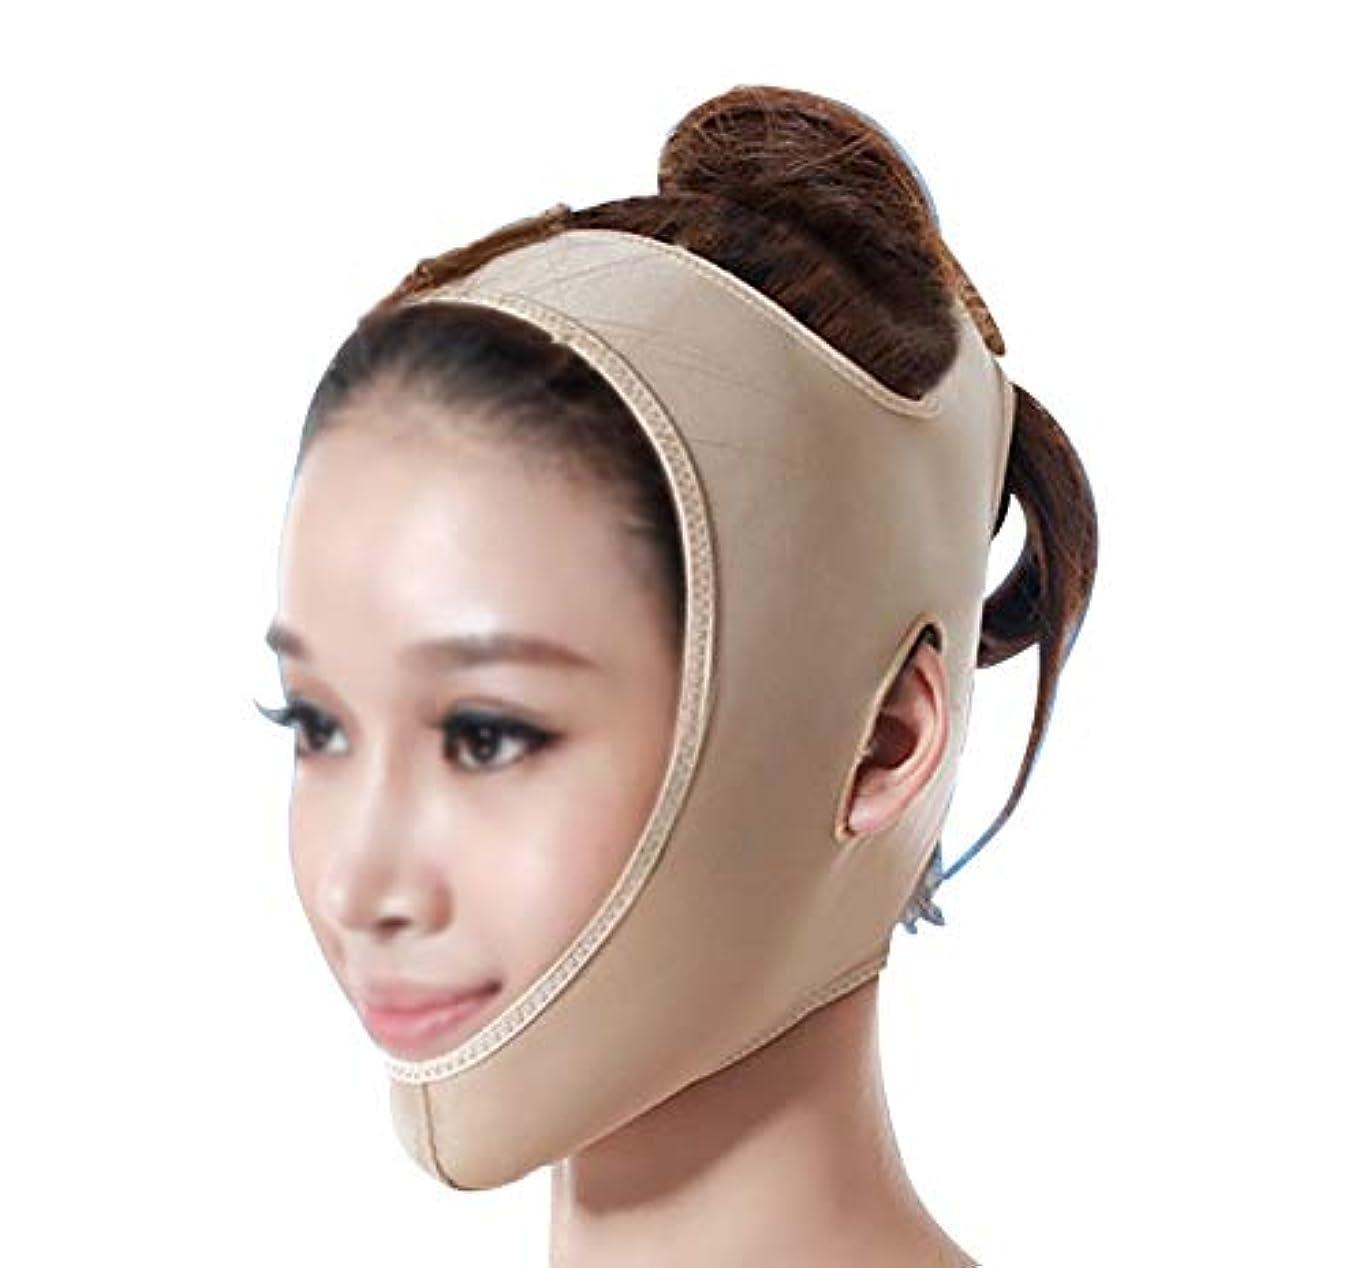 相対的処理するほこりっぽいTLMY 引き締めマスクマスク美容薬マスク美容V顔包帯ライン彫刻引き締めしっかりダブルチンマスク 顔用整形マスク (Size : XL)